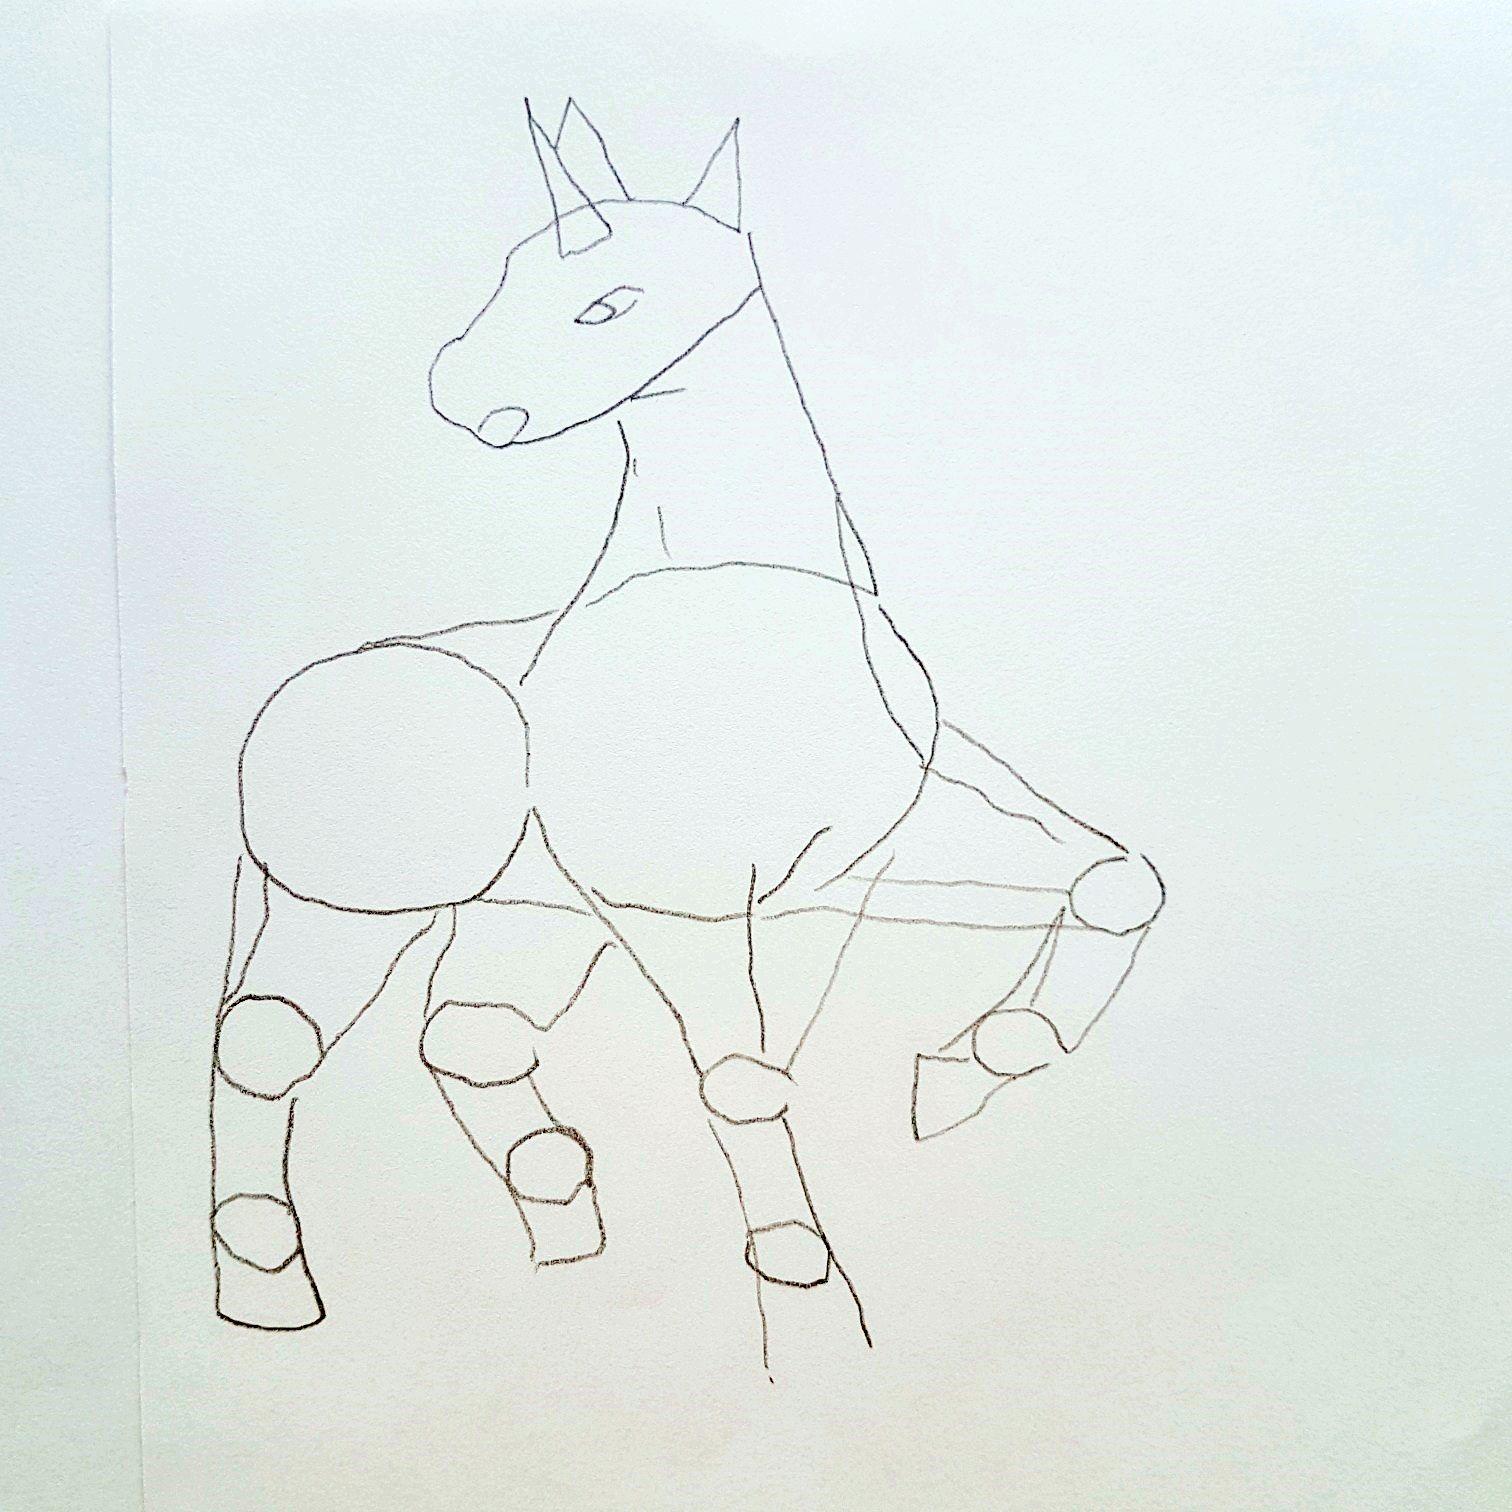 Anleitung zum zeichnen des Pokemon Gallopa